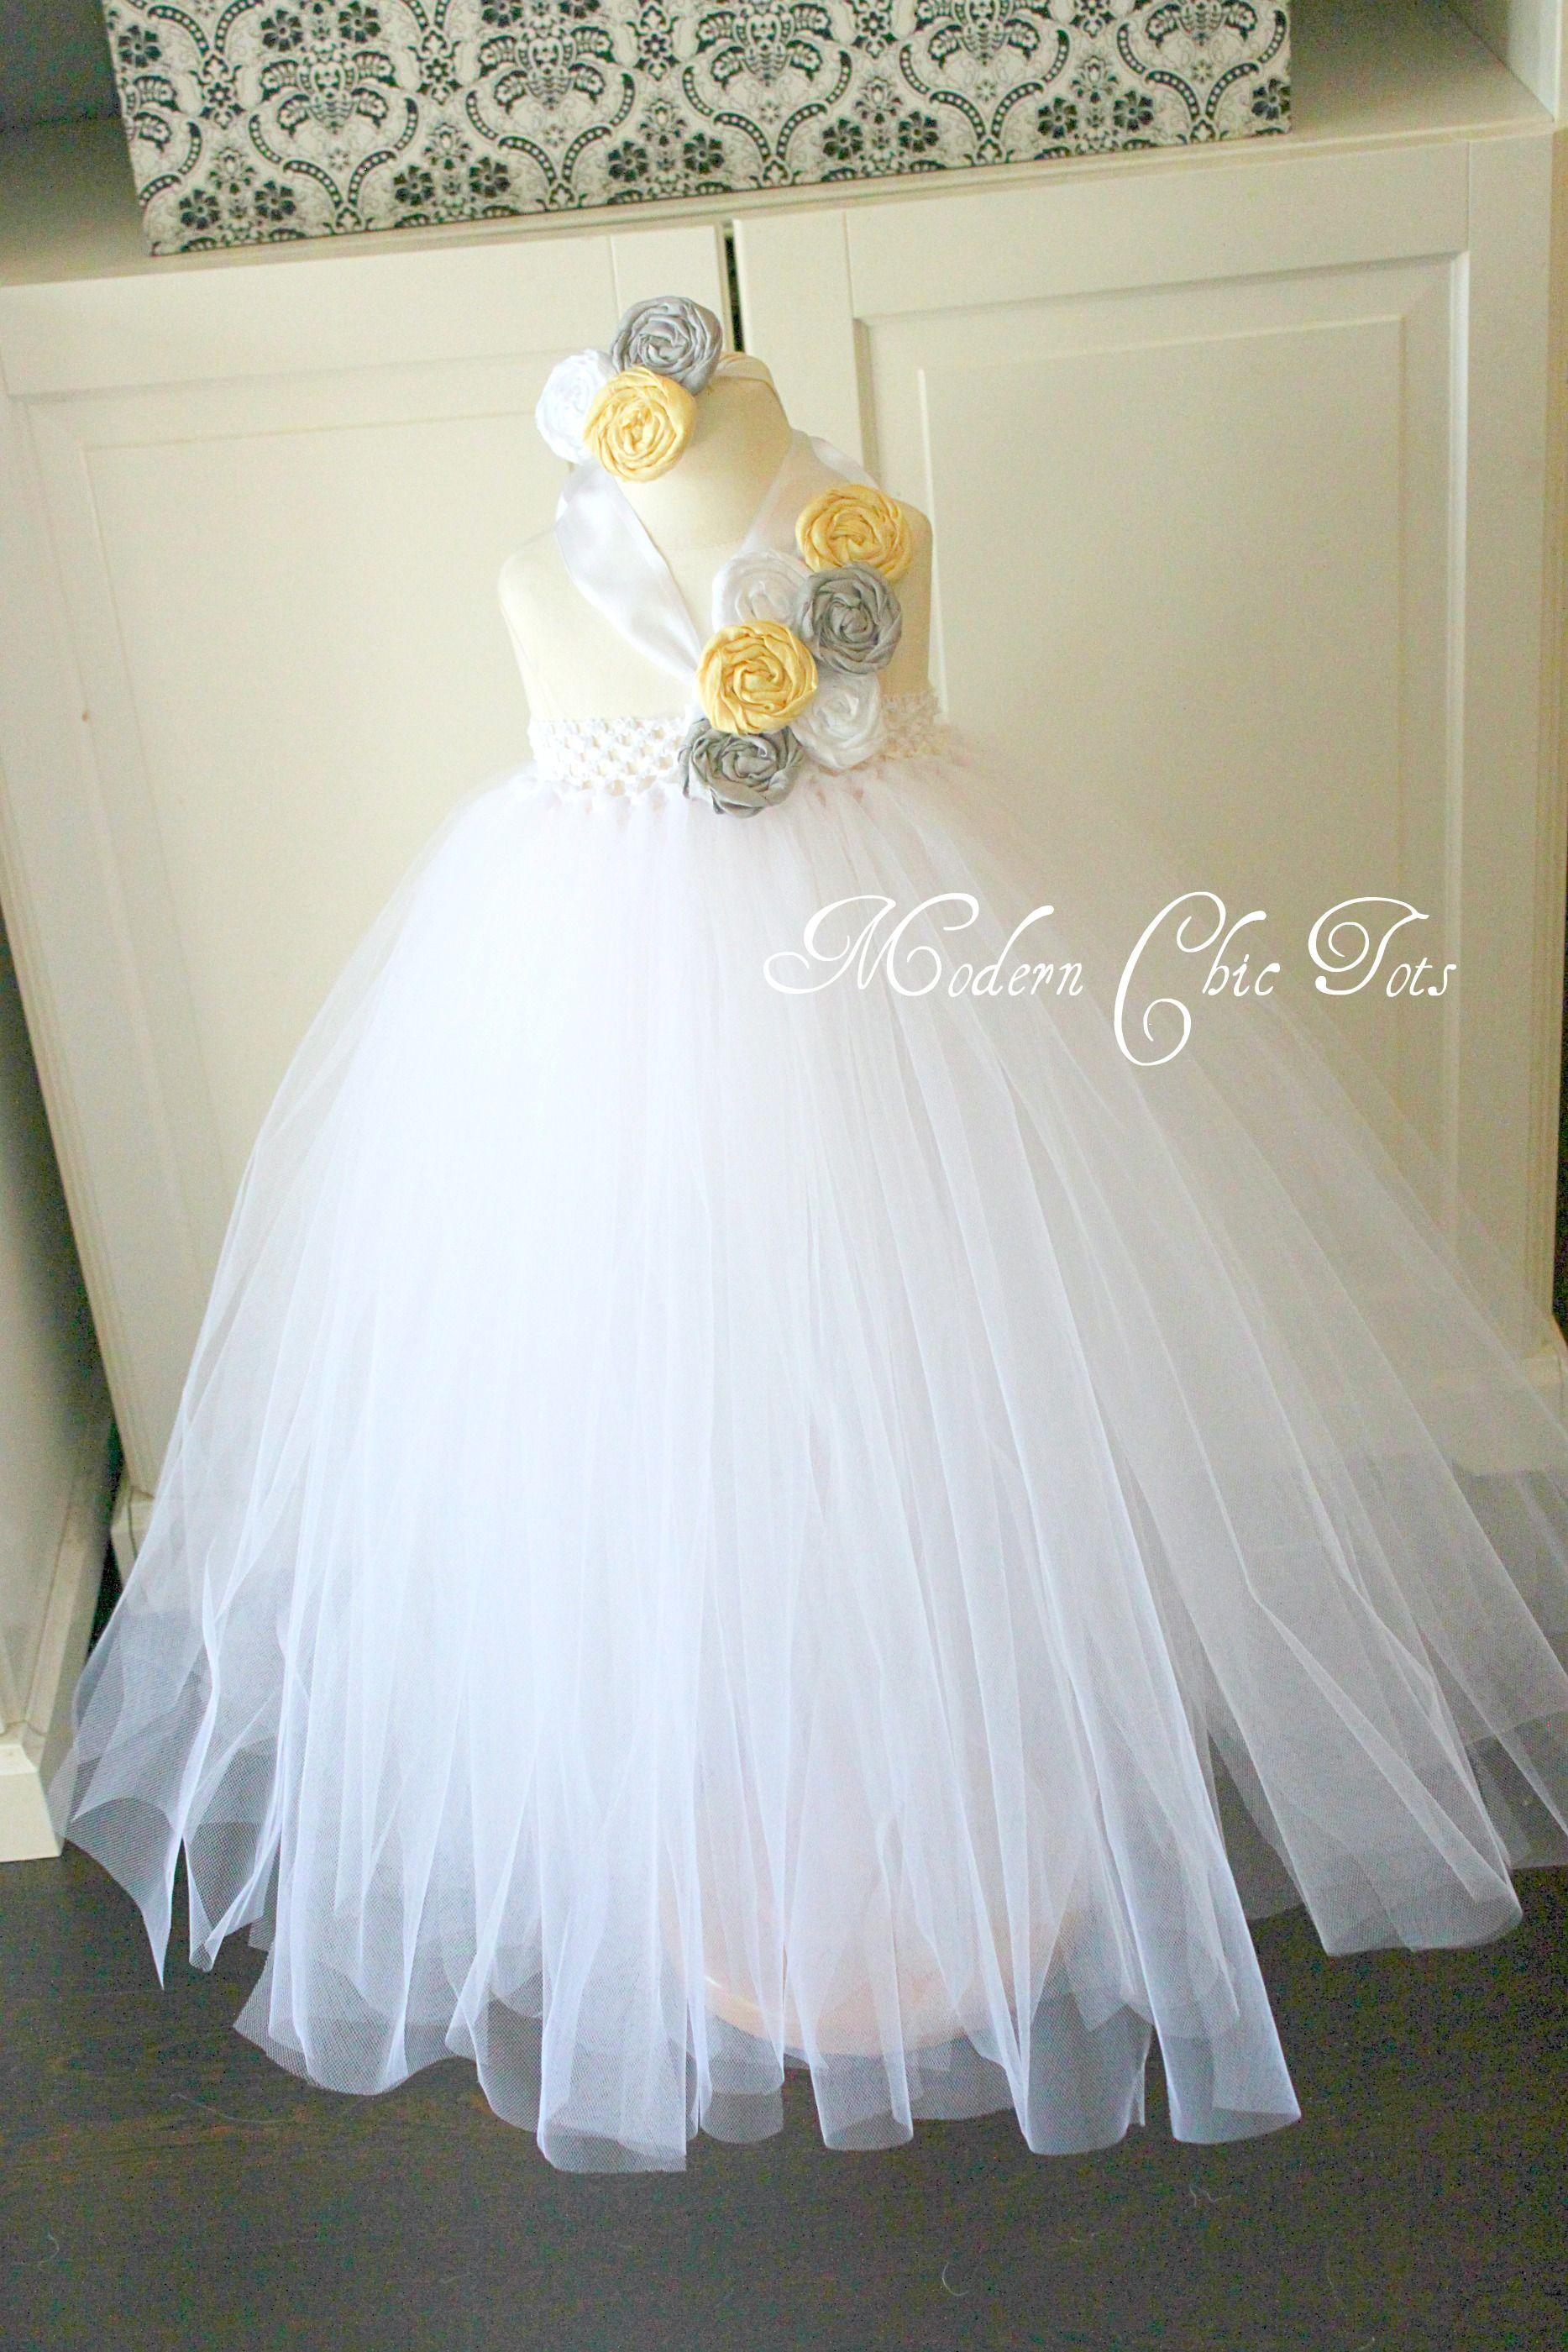 Flower girl dress white lemon and gray off the shoulder tutu flower girl dress white lemon and gray off the shoulder tutu ombrellifo Image collections